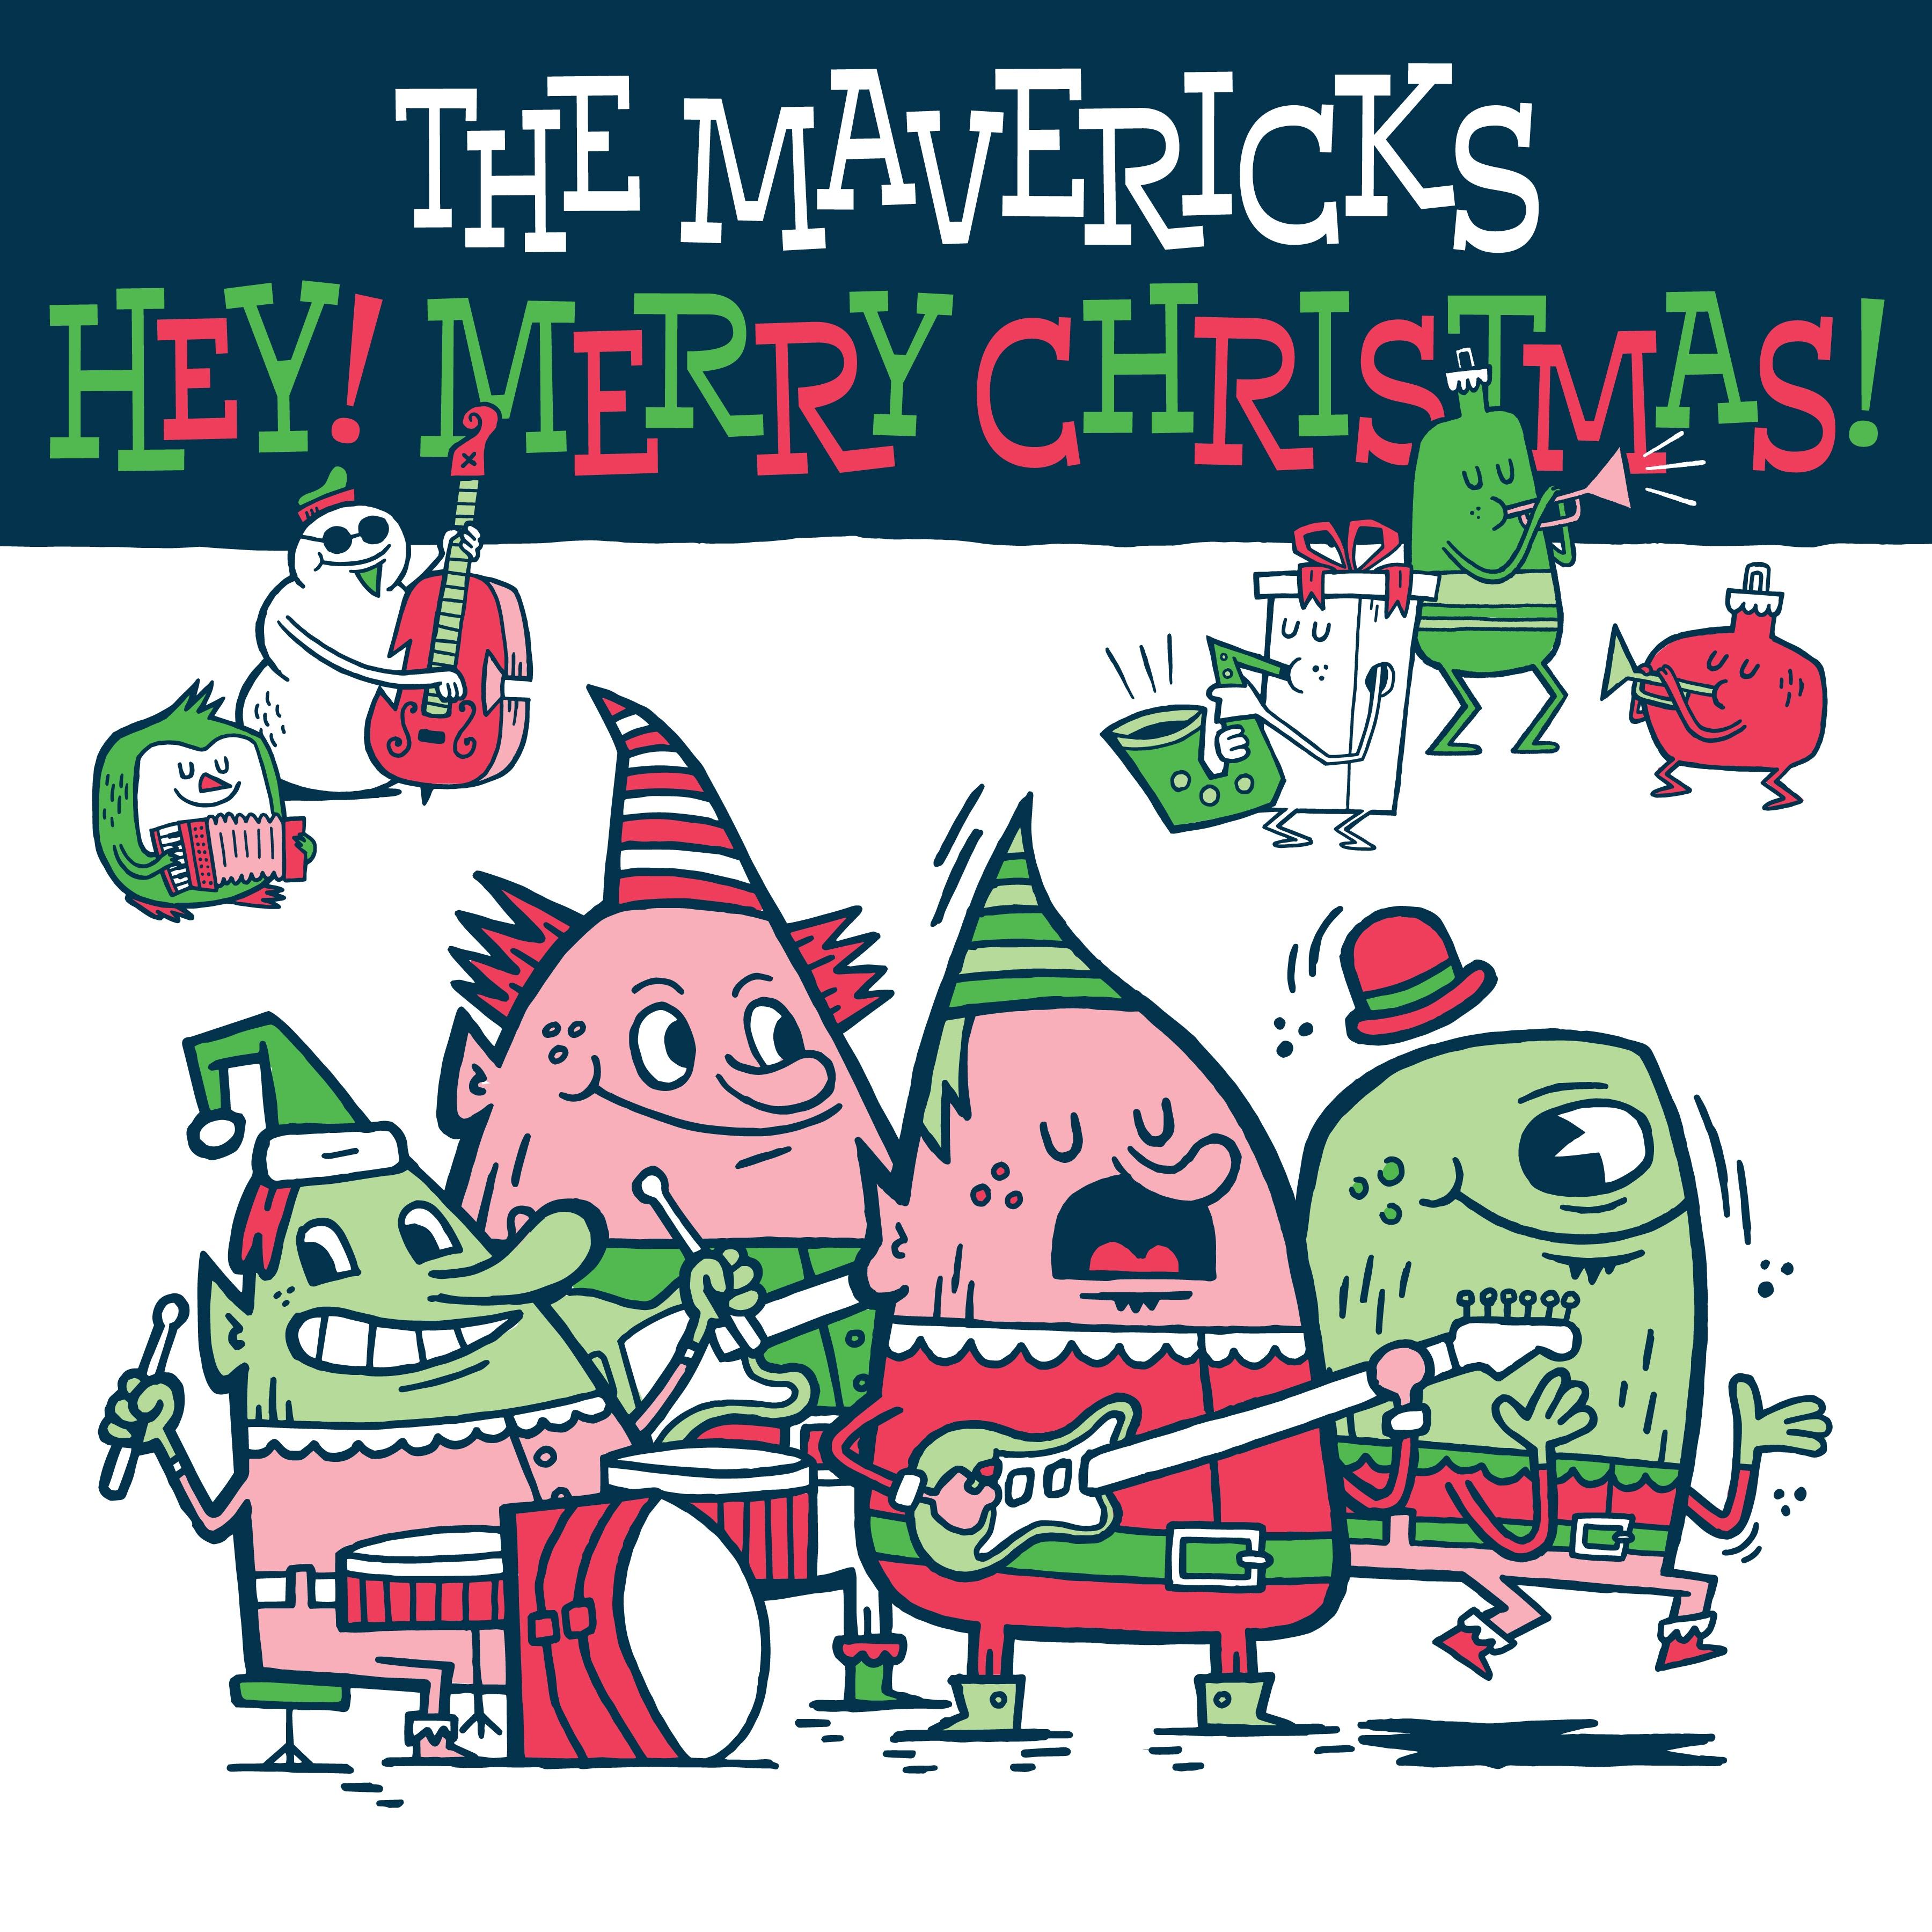 the-mavericks-hey-merry